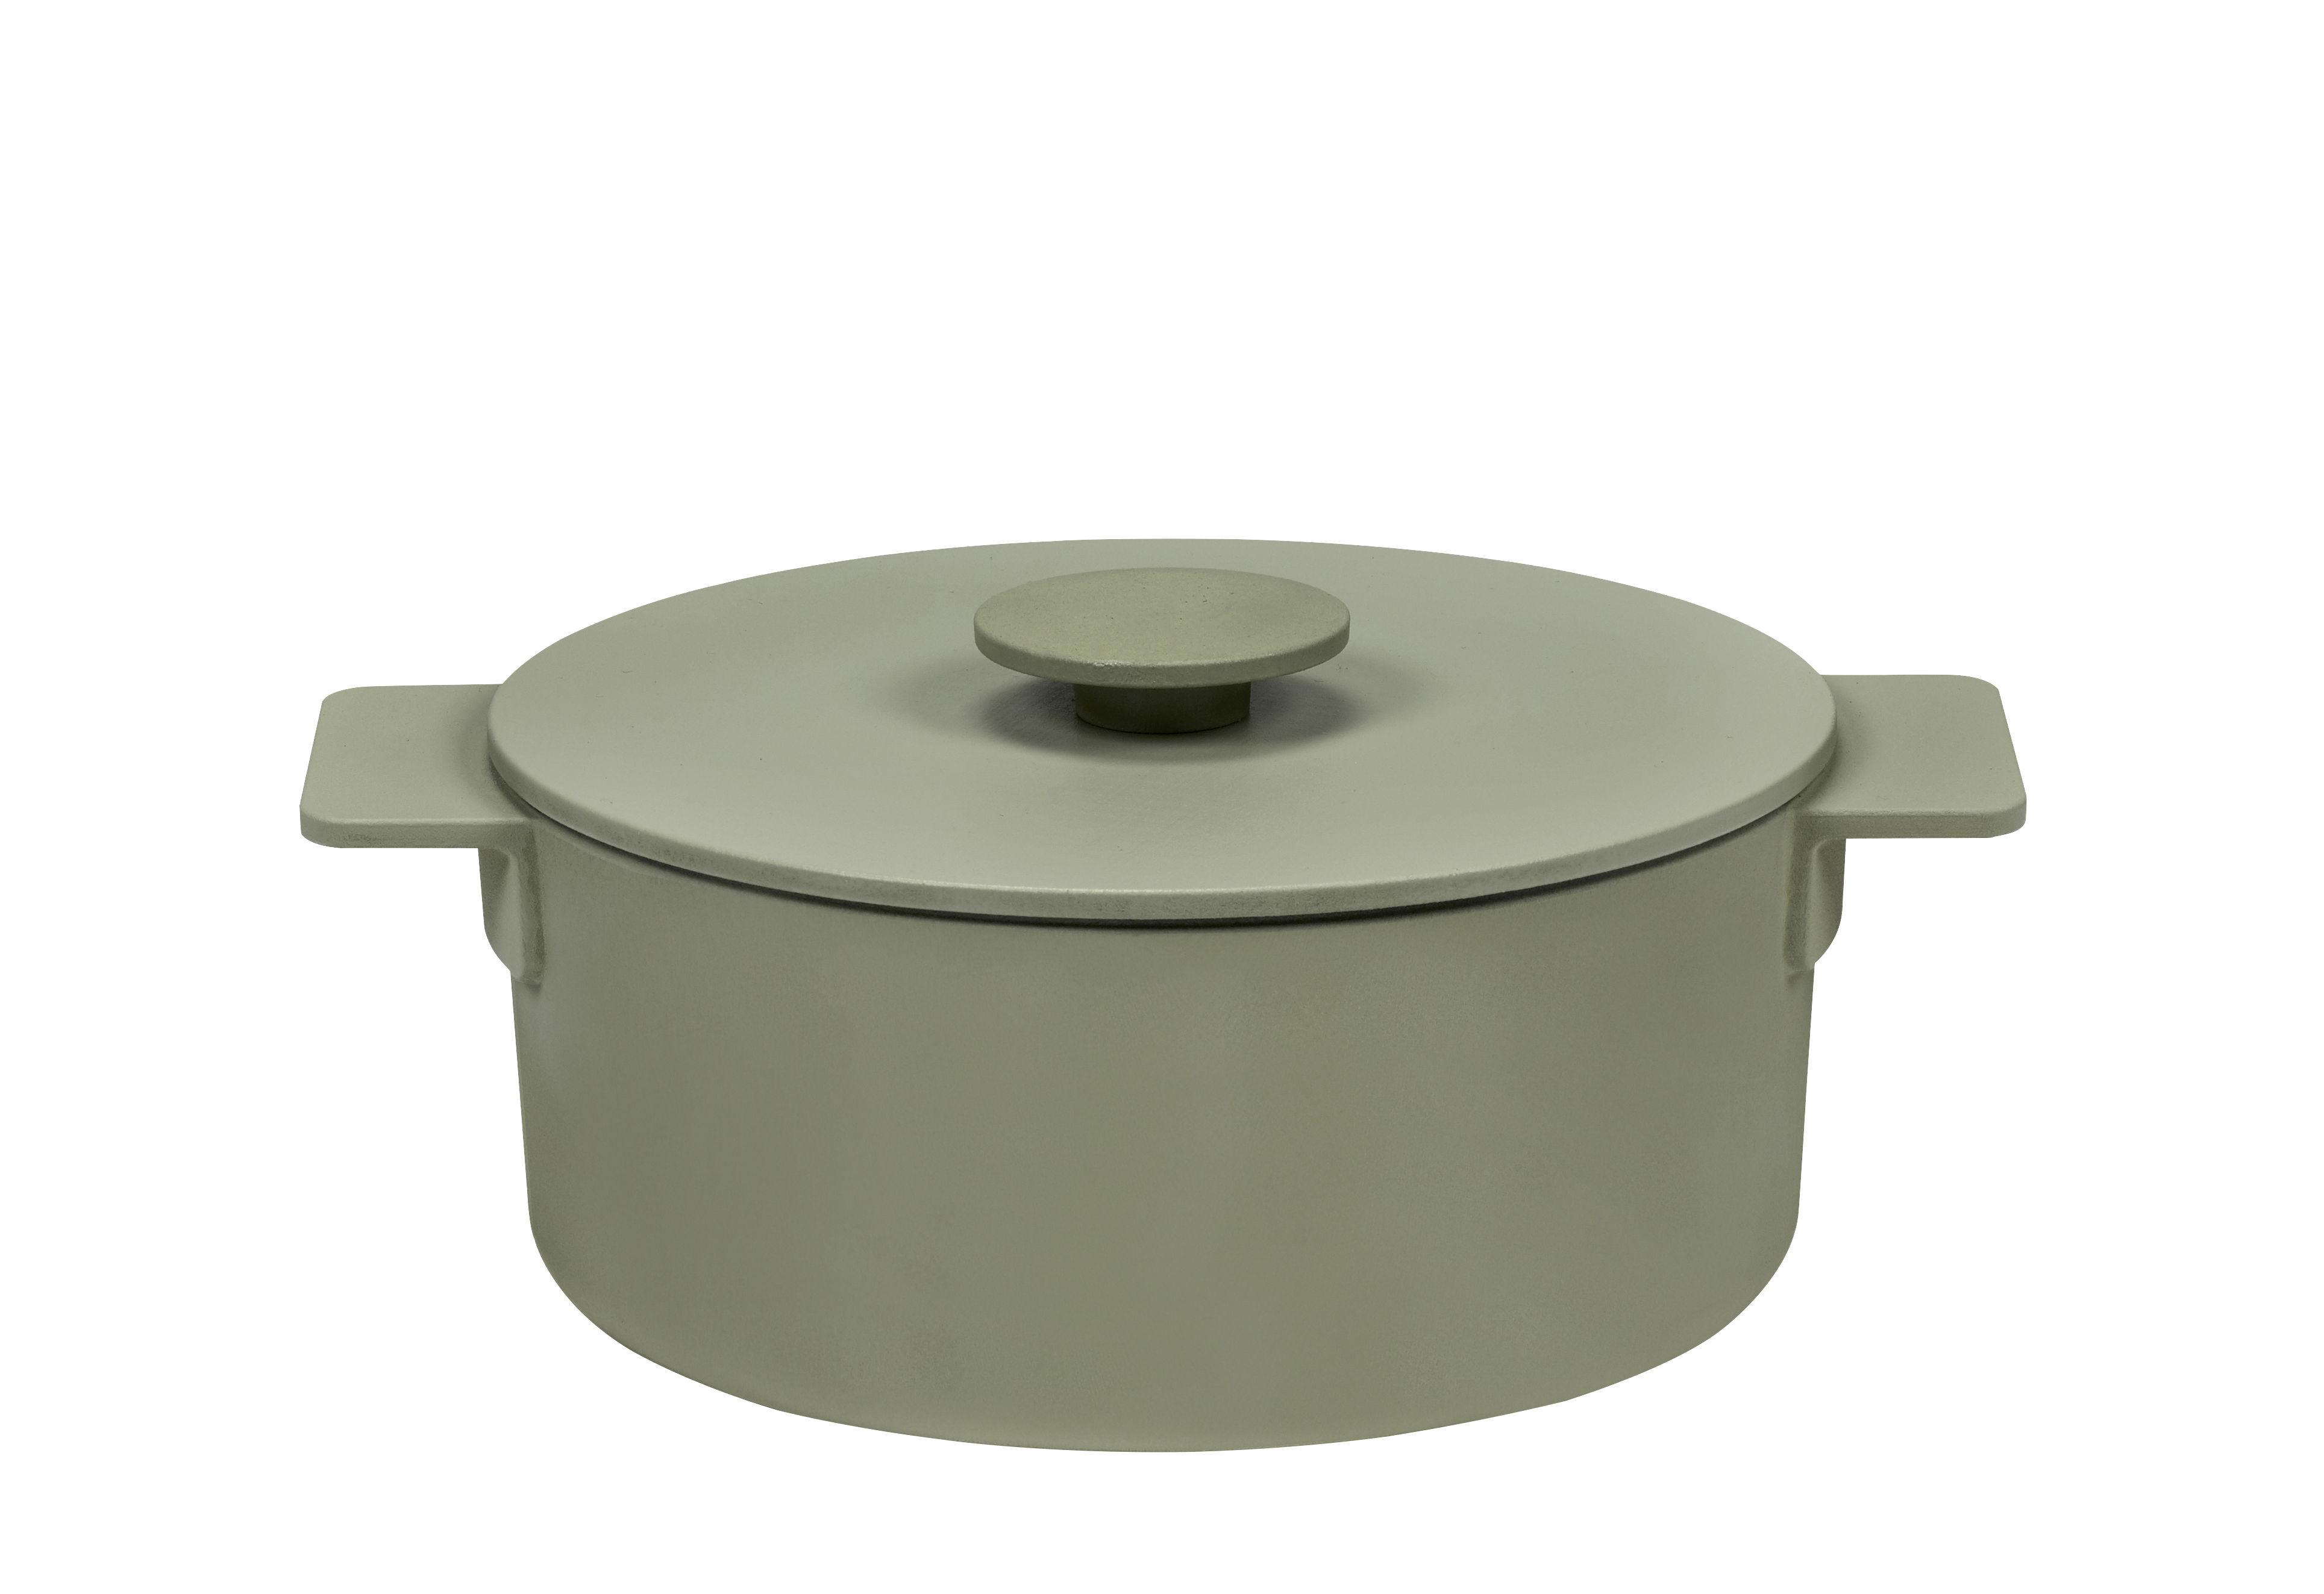 Cucina - Pentole, Padelle e Casseruole - Cocotte Surface - / Ø 23 cm - Qualsiasi tipo di piano di cottura, inclusa l'induzione di Serax - Camogreen - Ghisa